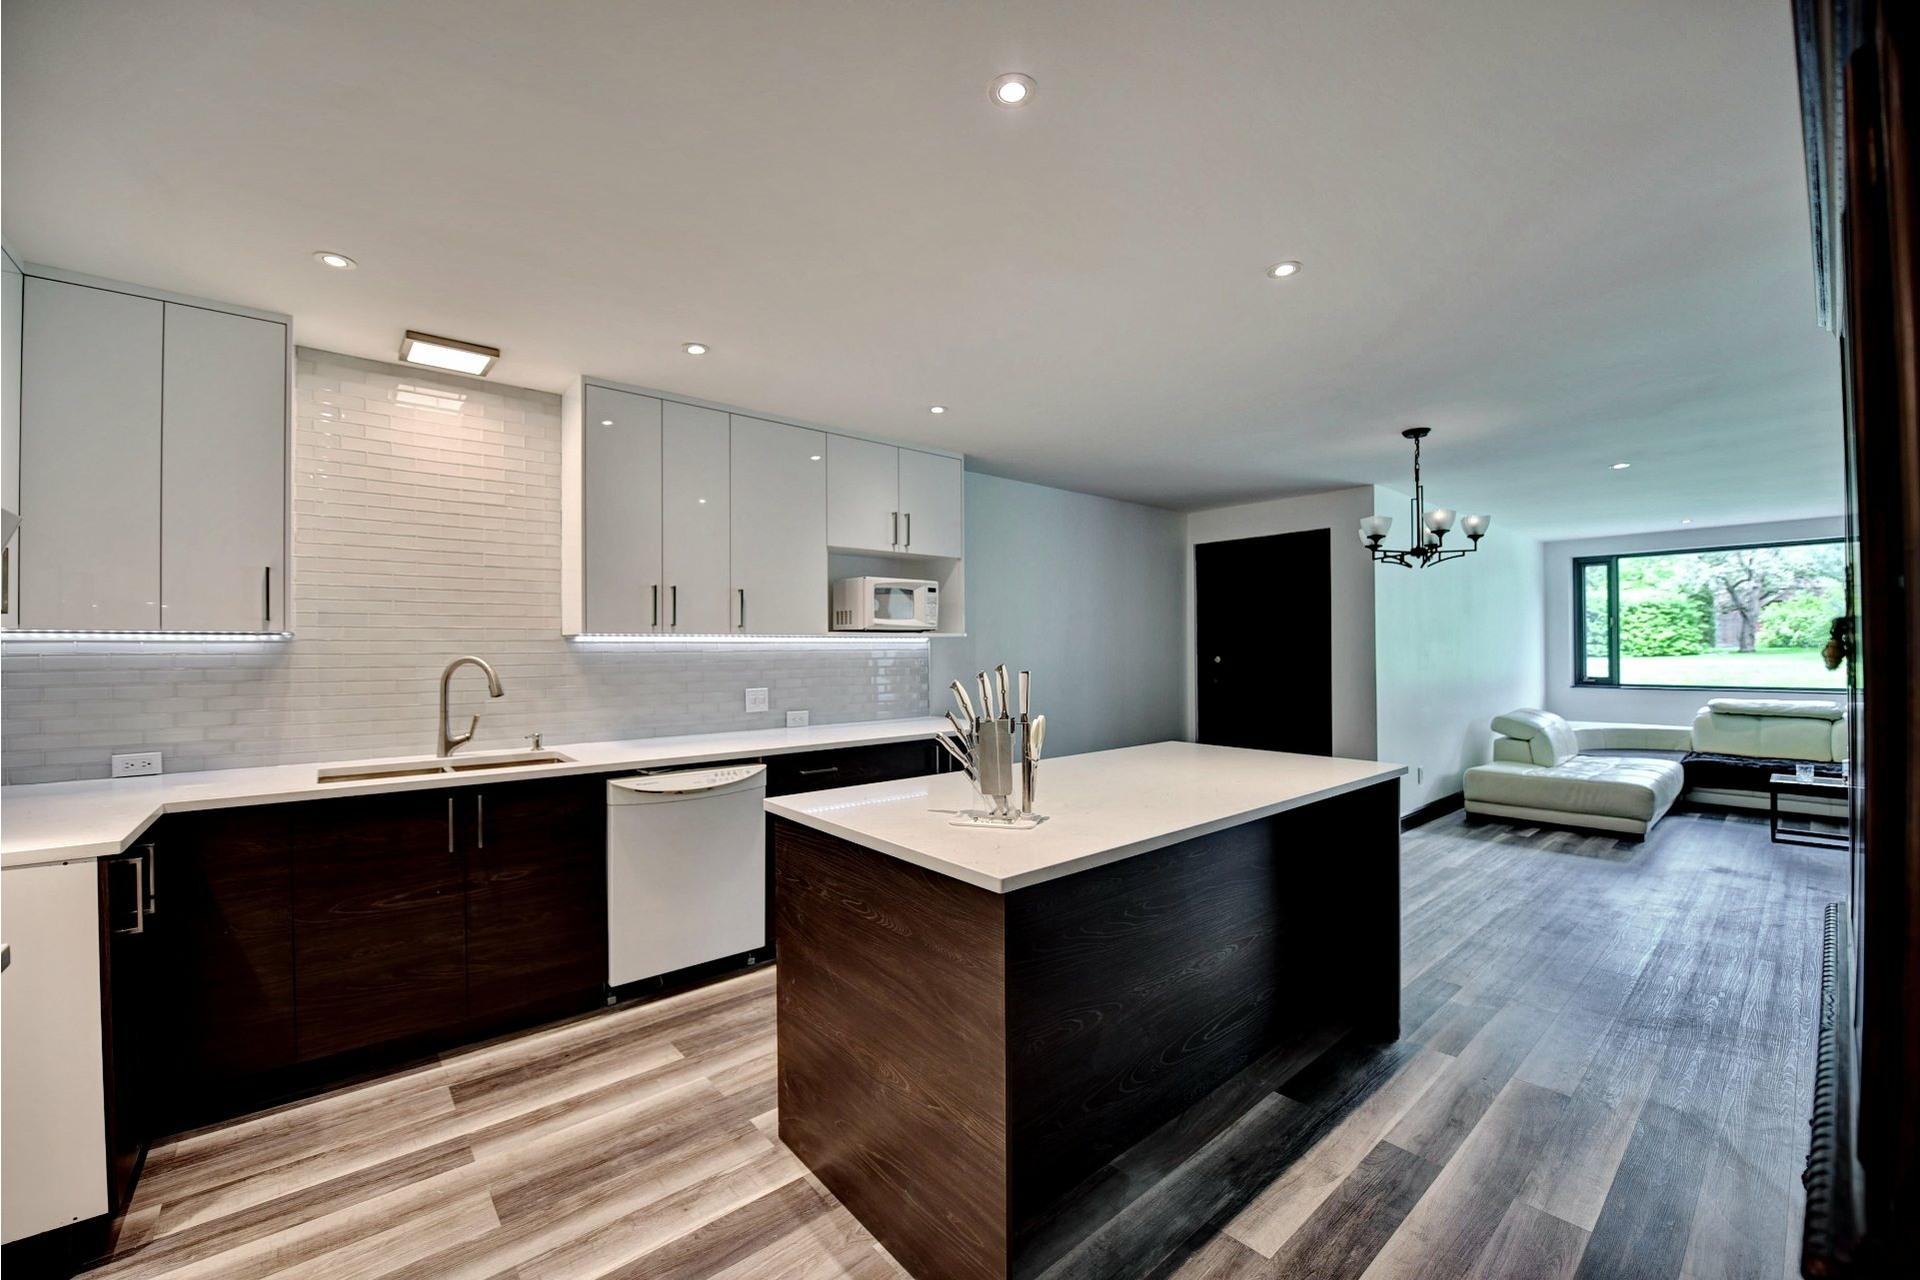 image 10 - Appartement À vendre Montréal Verdun/Île-des-Soeurs  - 8 pièces